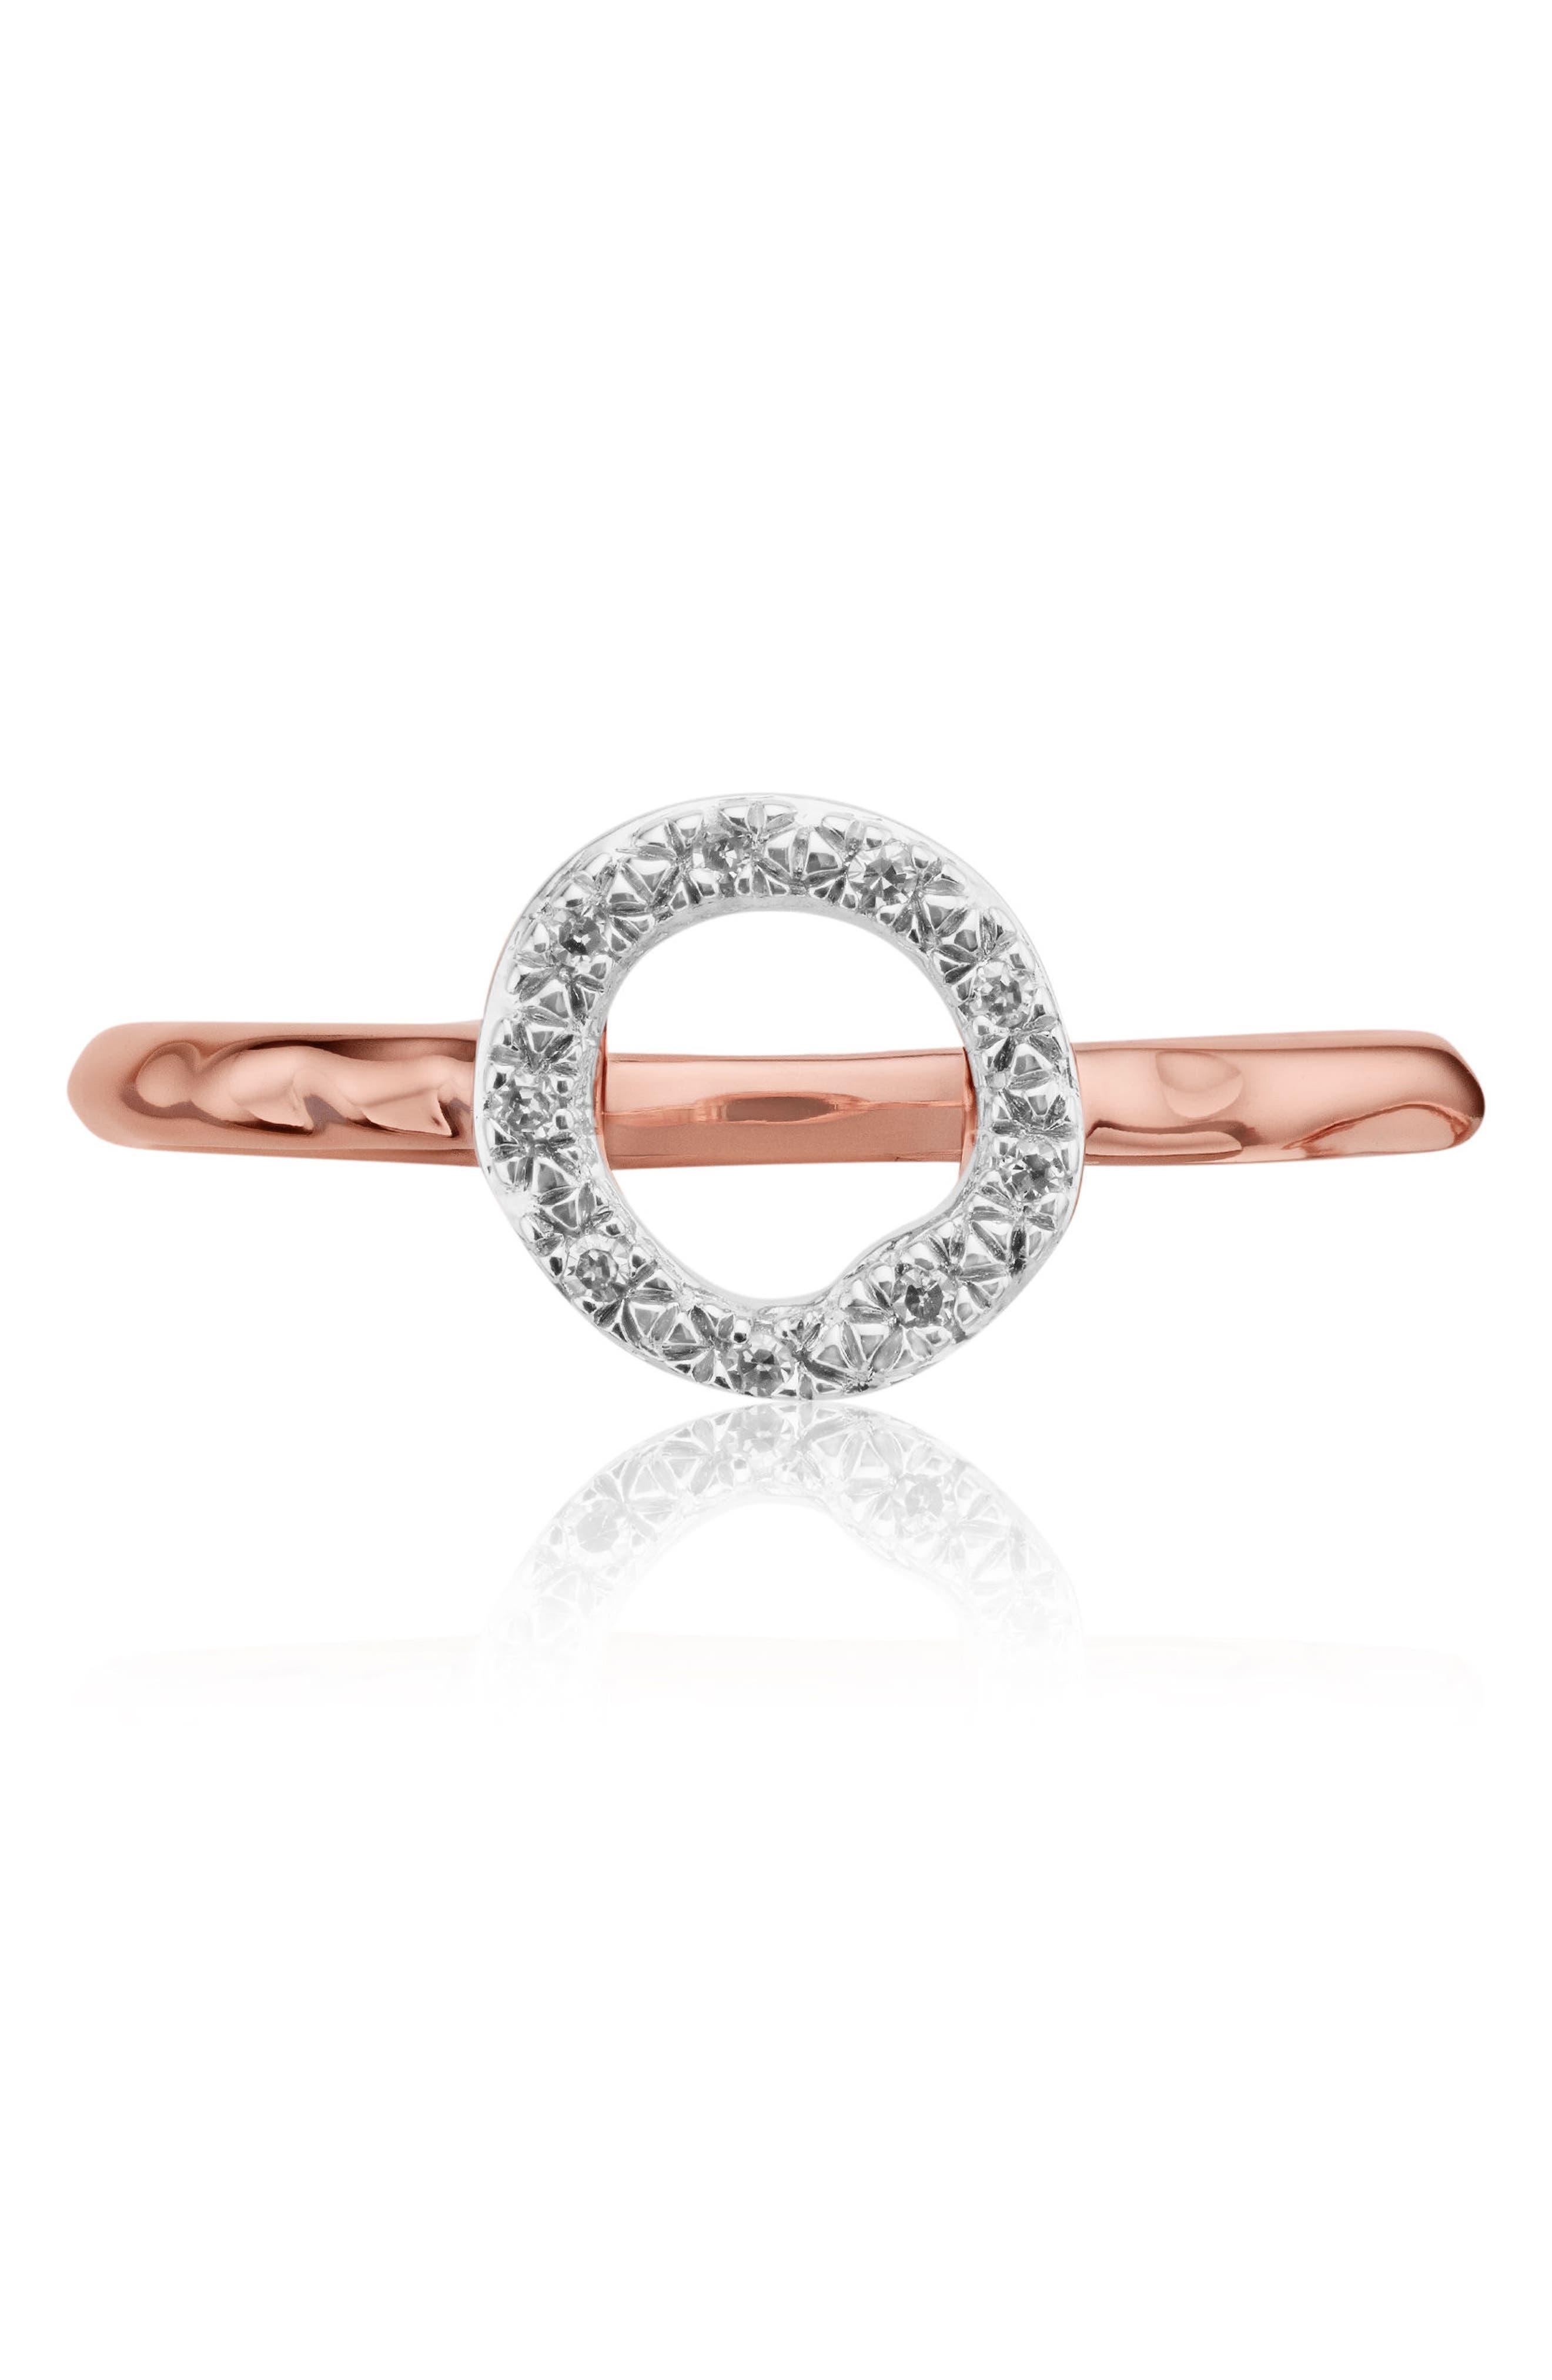 Riva Diamond Mini Circle Ring,                             Main thumbnail 1, color,                             Rose Gold/ Diamond